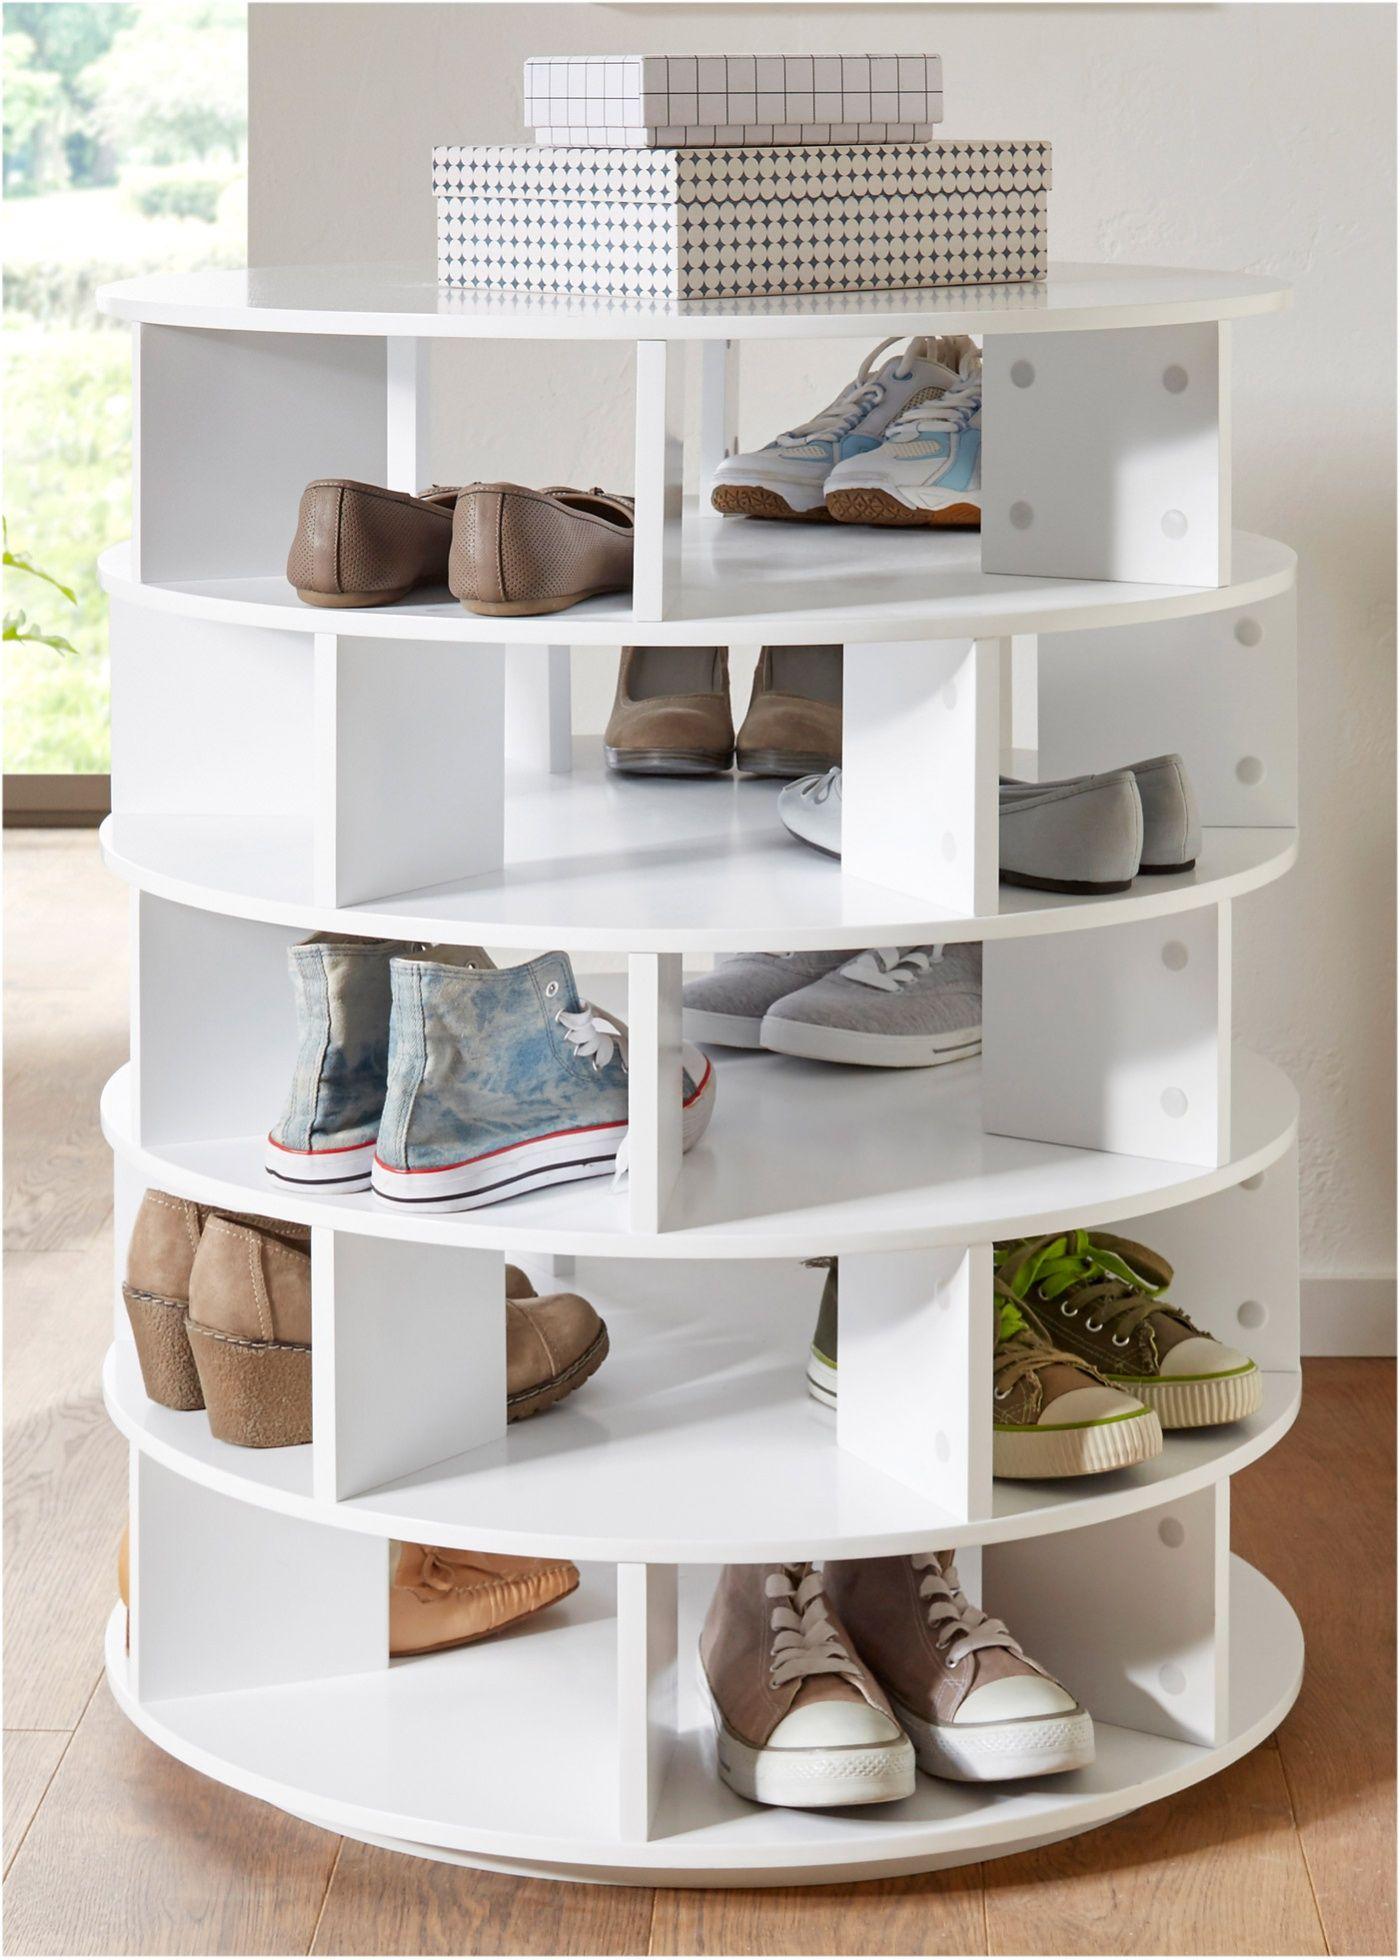 bekijk nu veel schoenen maar weinig plaats dan is deze handige ronde schoenenkast perfect voor. Black Bedroom Furniture Sets. Home Design Ideas